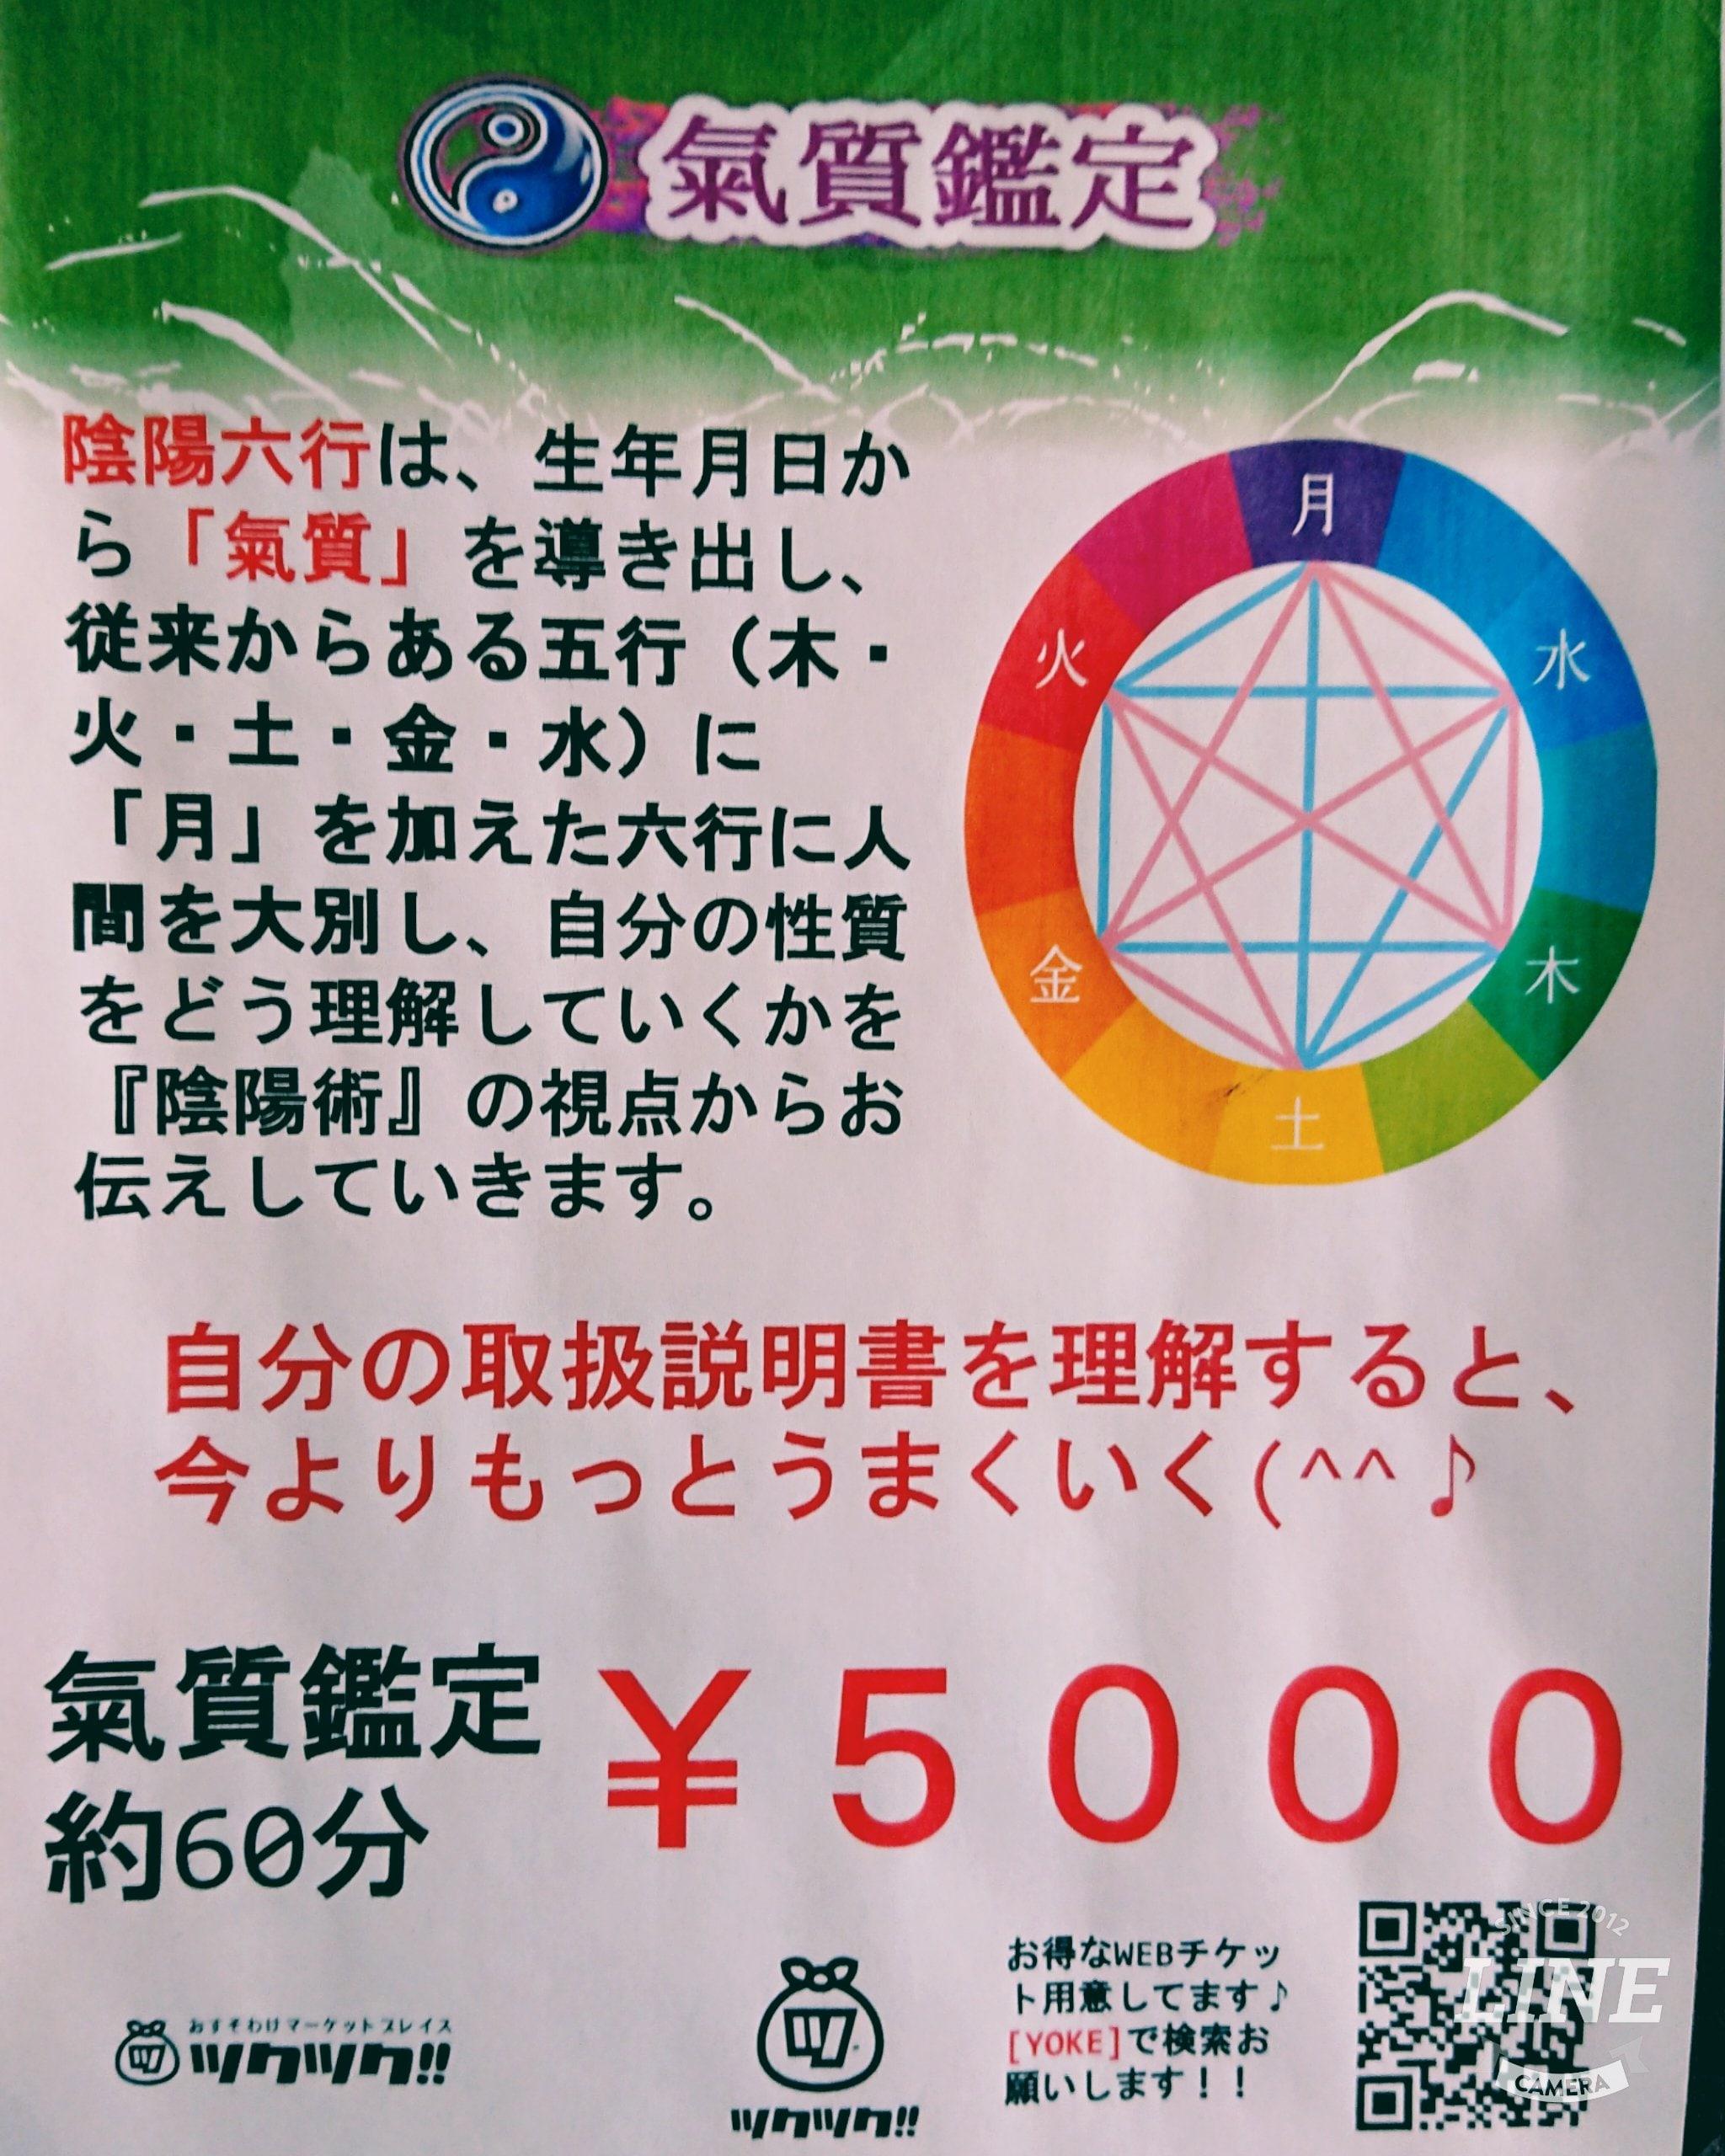 ◆現地払い限定チケット◆高ポイント還元◆氣質鑑定◆自分の取扱説明書を理解すると今よりもっとうまくいく!のイメージその1